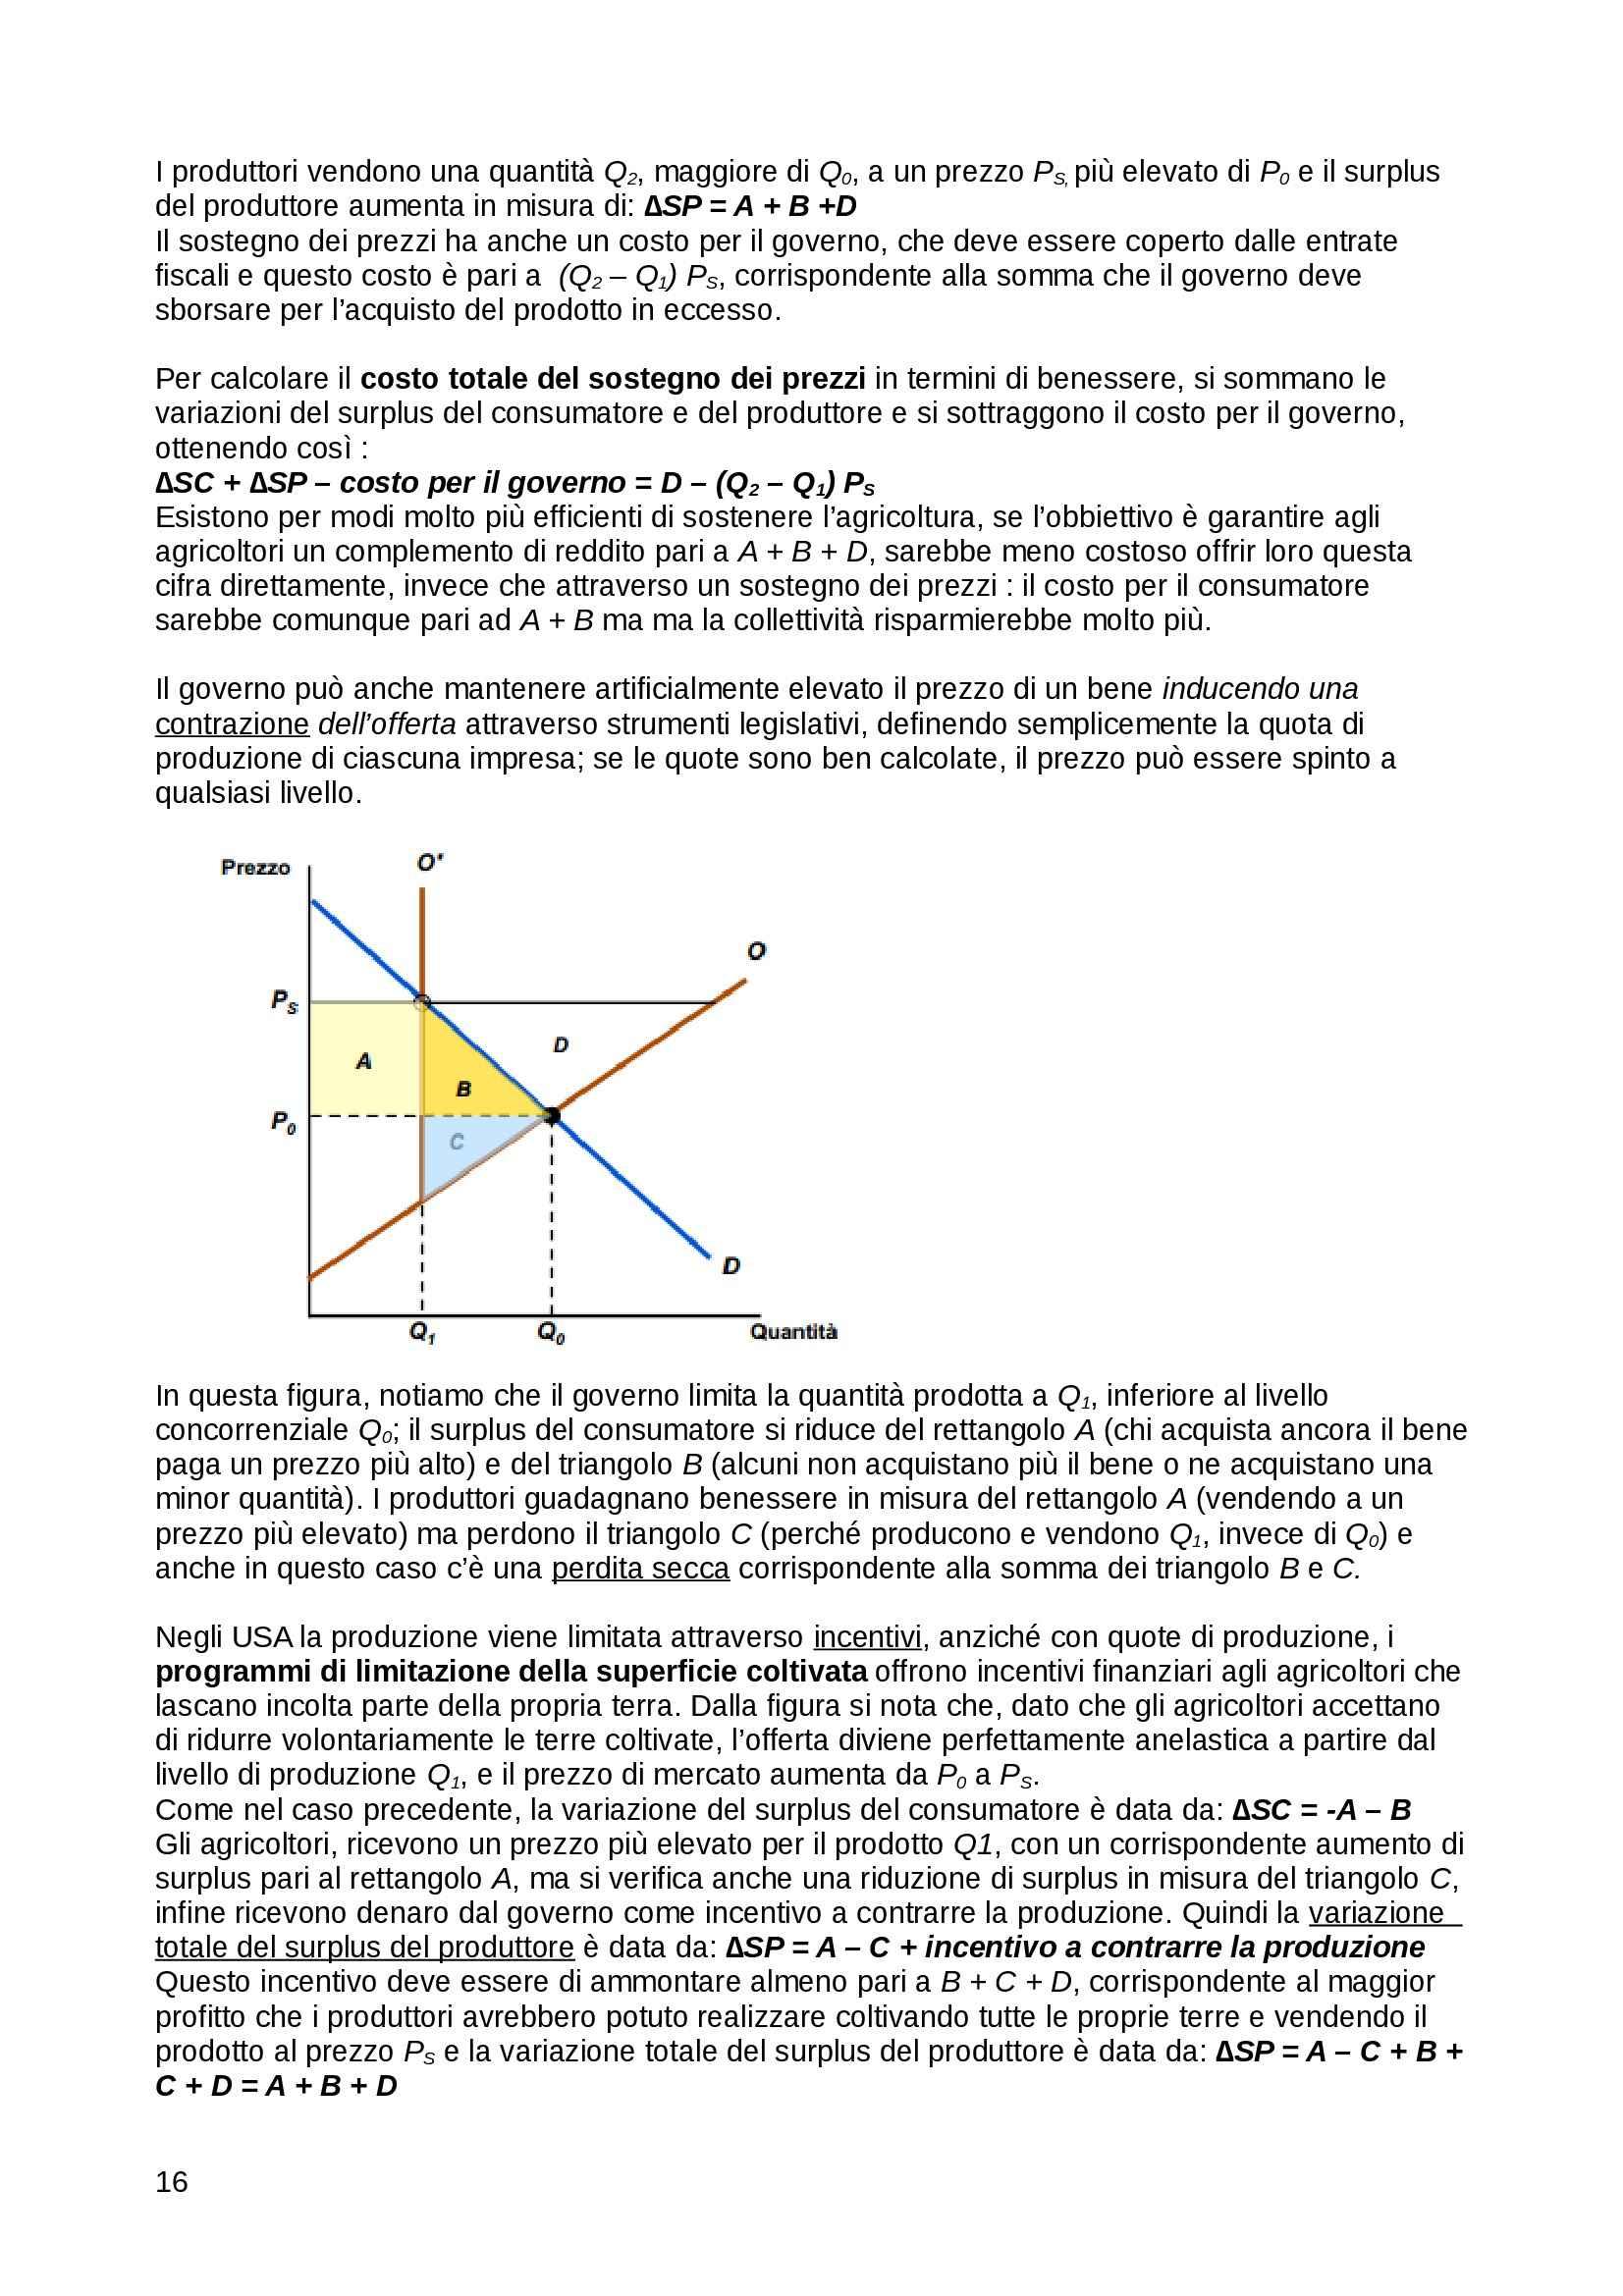 Riassunto esame Microeconomia Microeconomia, Pindyck, Rubinfeld - parte seconda, prof. Orsini Pag. 16